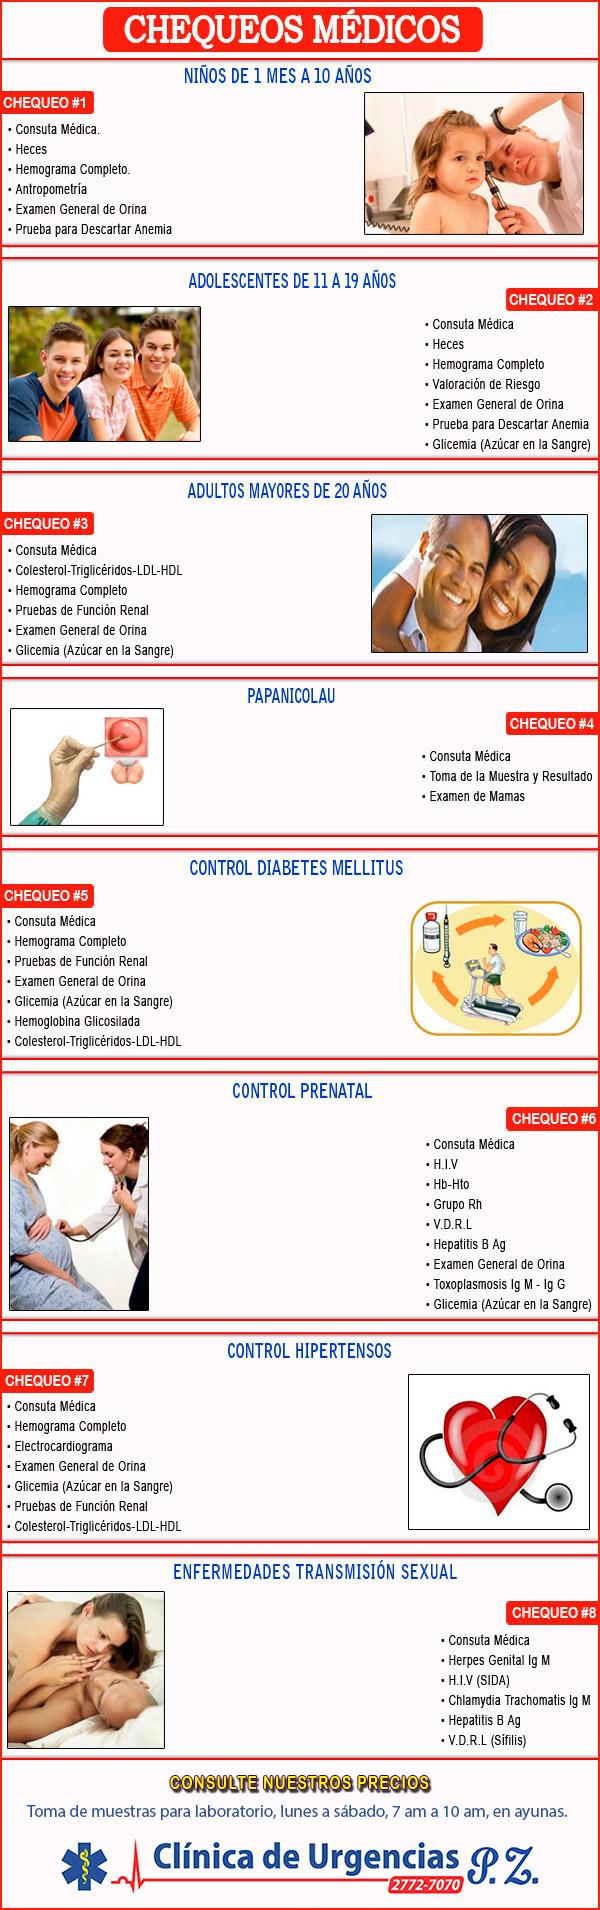 Promoción Chequeos Médicos